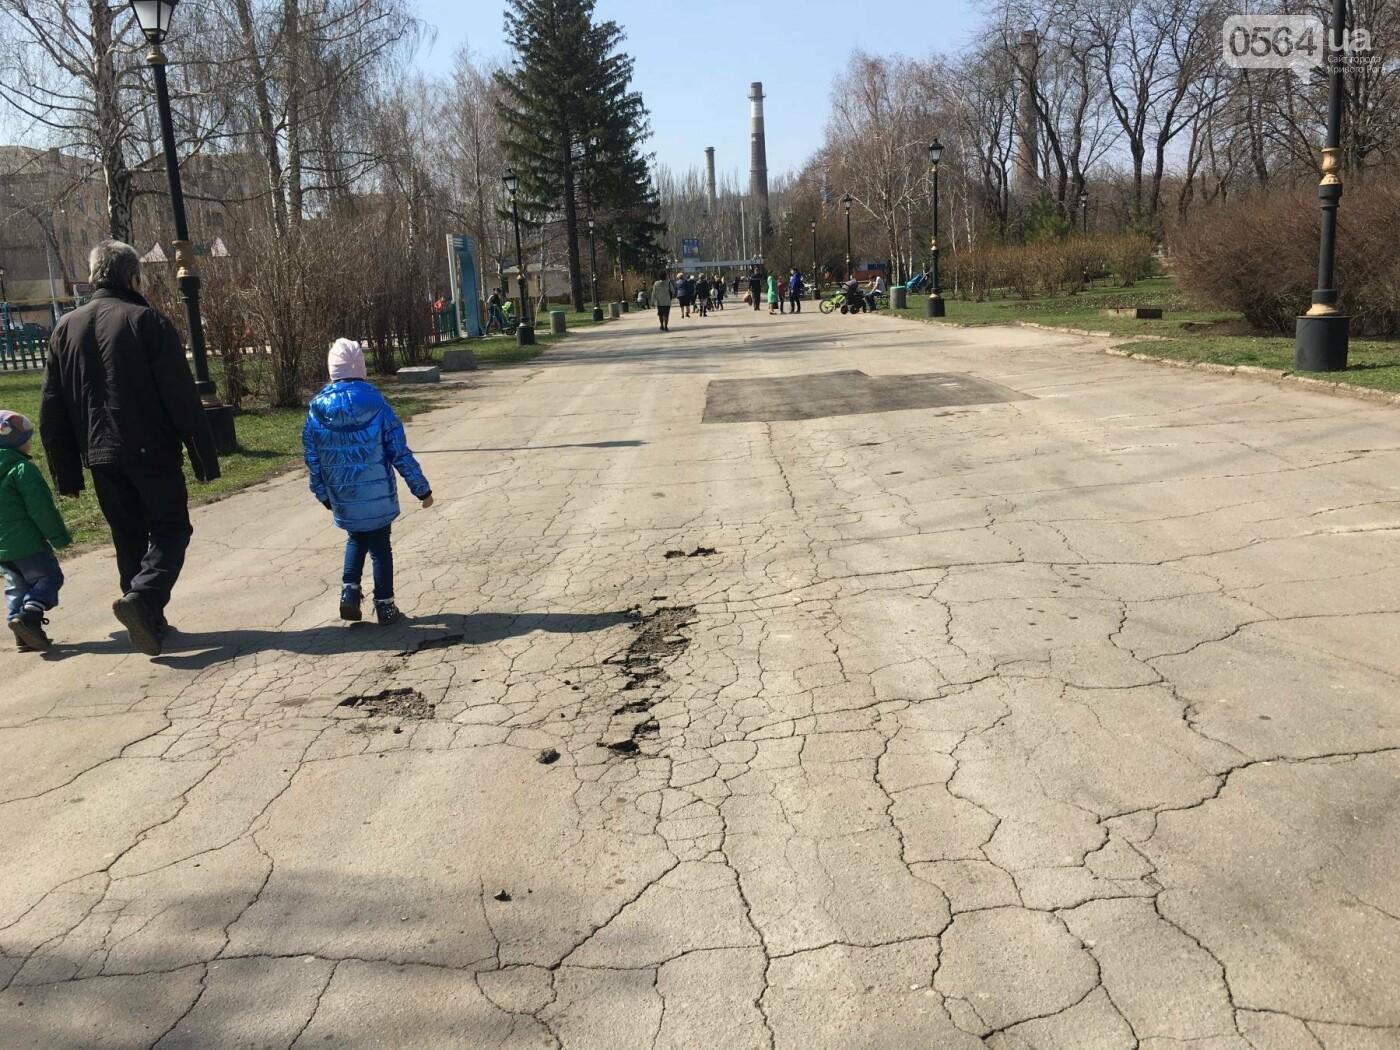 Криворожская правозащитница потребовала отремонтировать остановку так же быстро, как и дорожки перед райисполкомом (ФОТО), фото-18